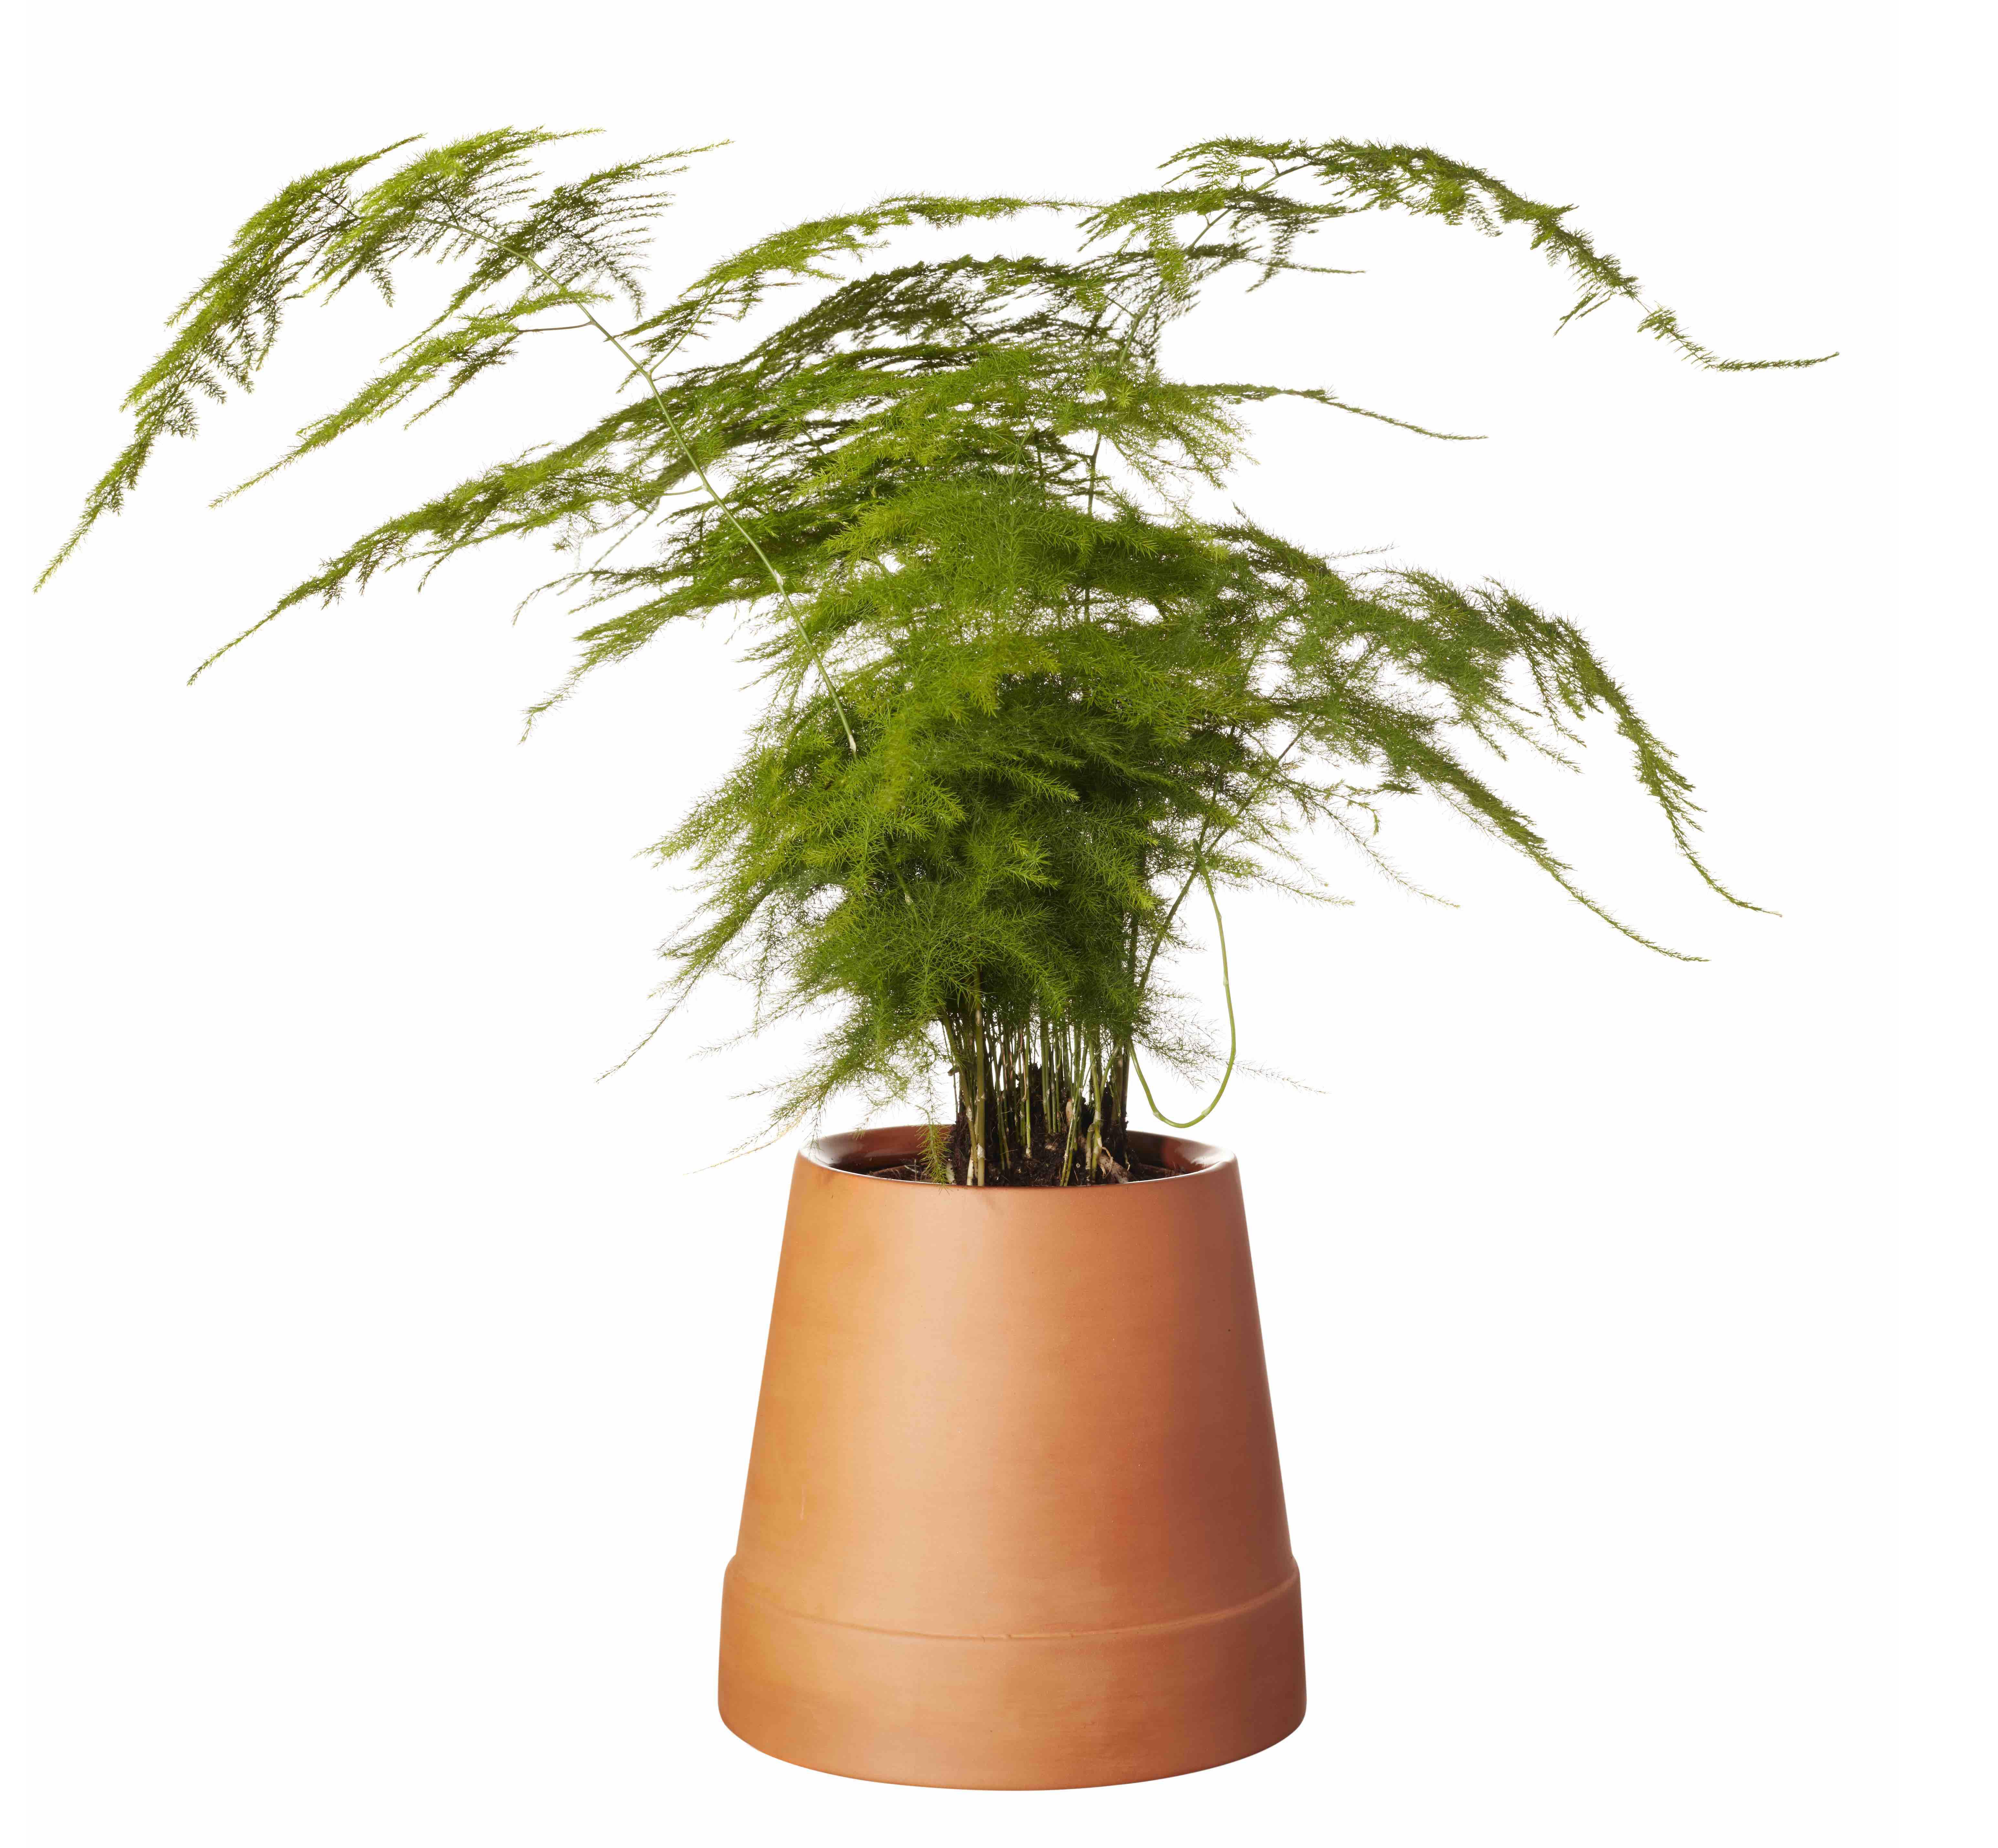 Outdoor - Pots & Plants - Flipped Pot water storage - water reservoir by Boskke - Terracota - Terracotta